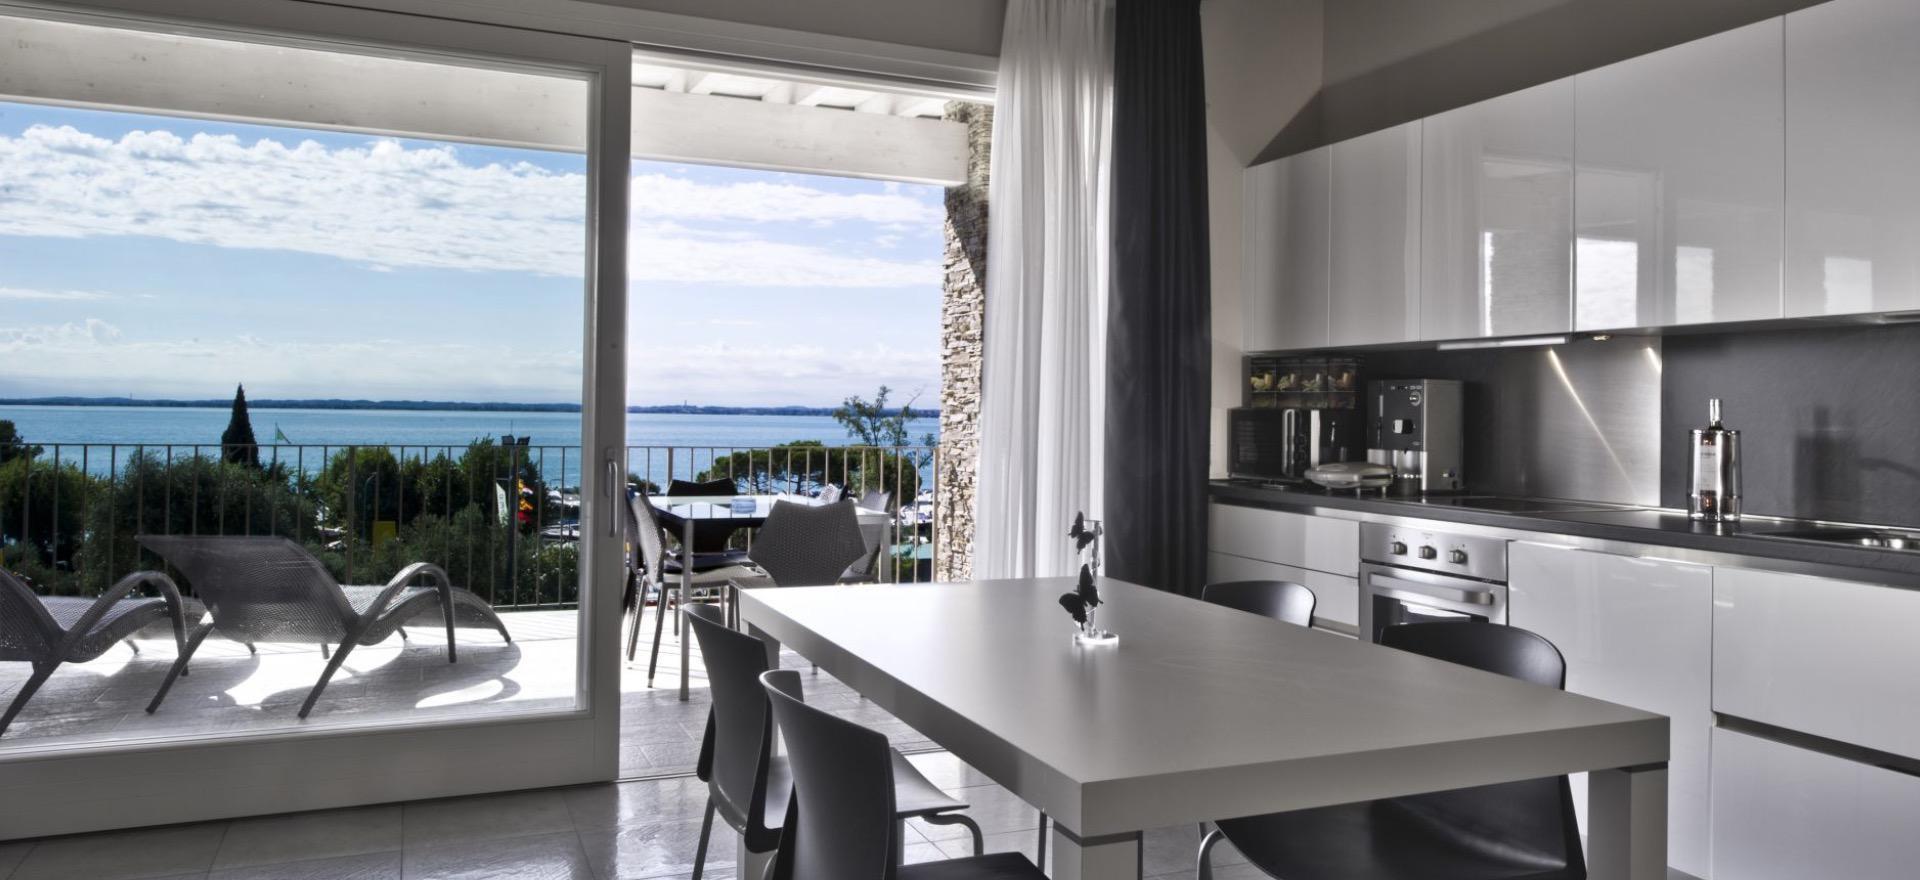 Agriturismo Lago di Como e lago di Garda Residenza adatta ai bambini a pochi passi dal Lago di Garda